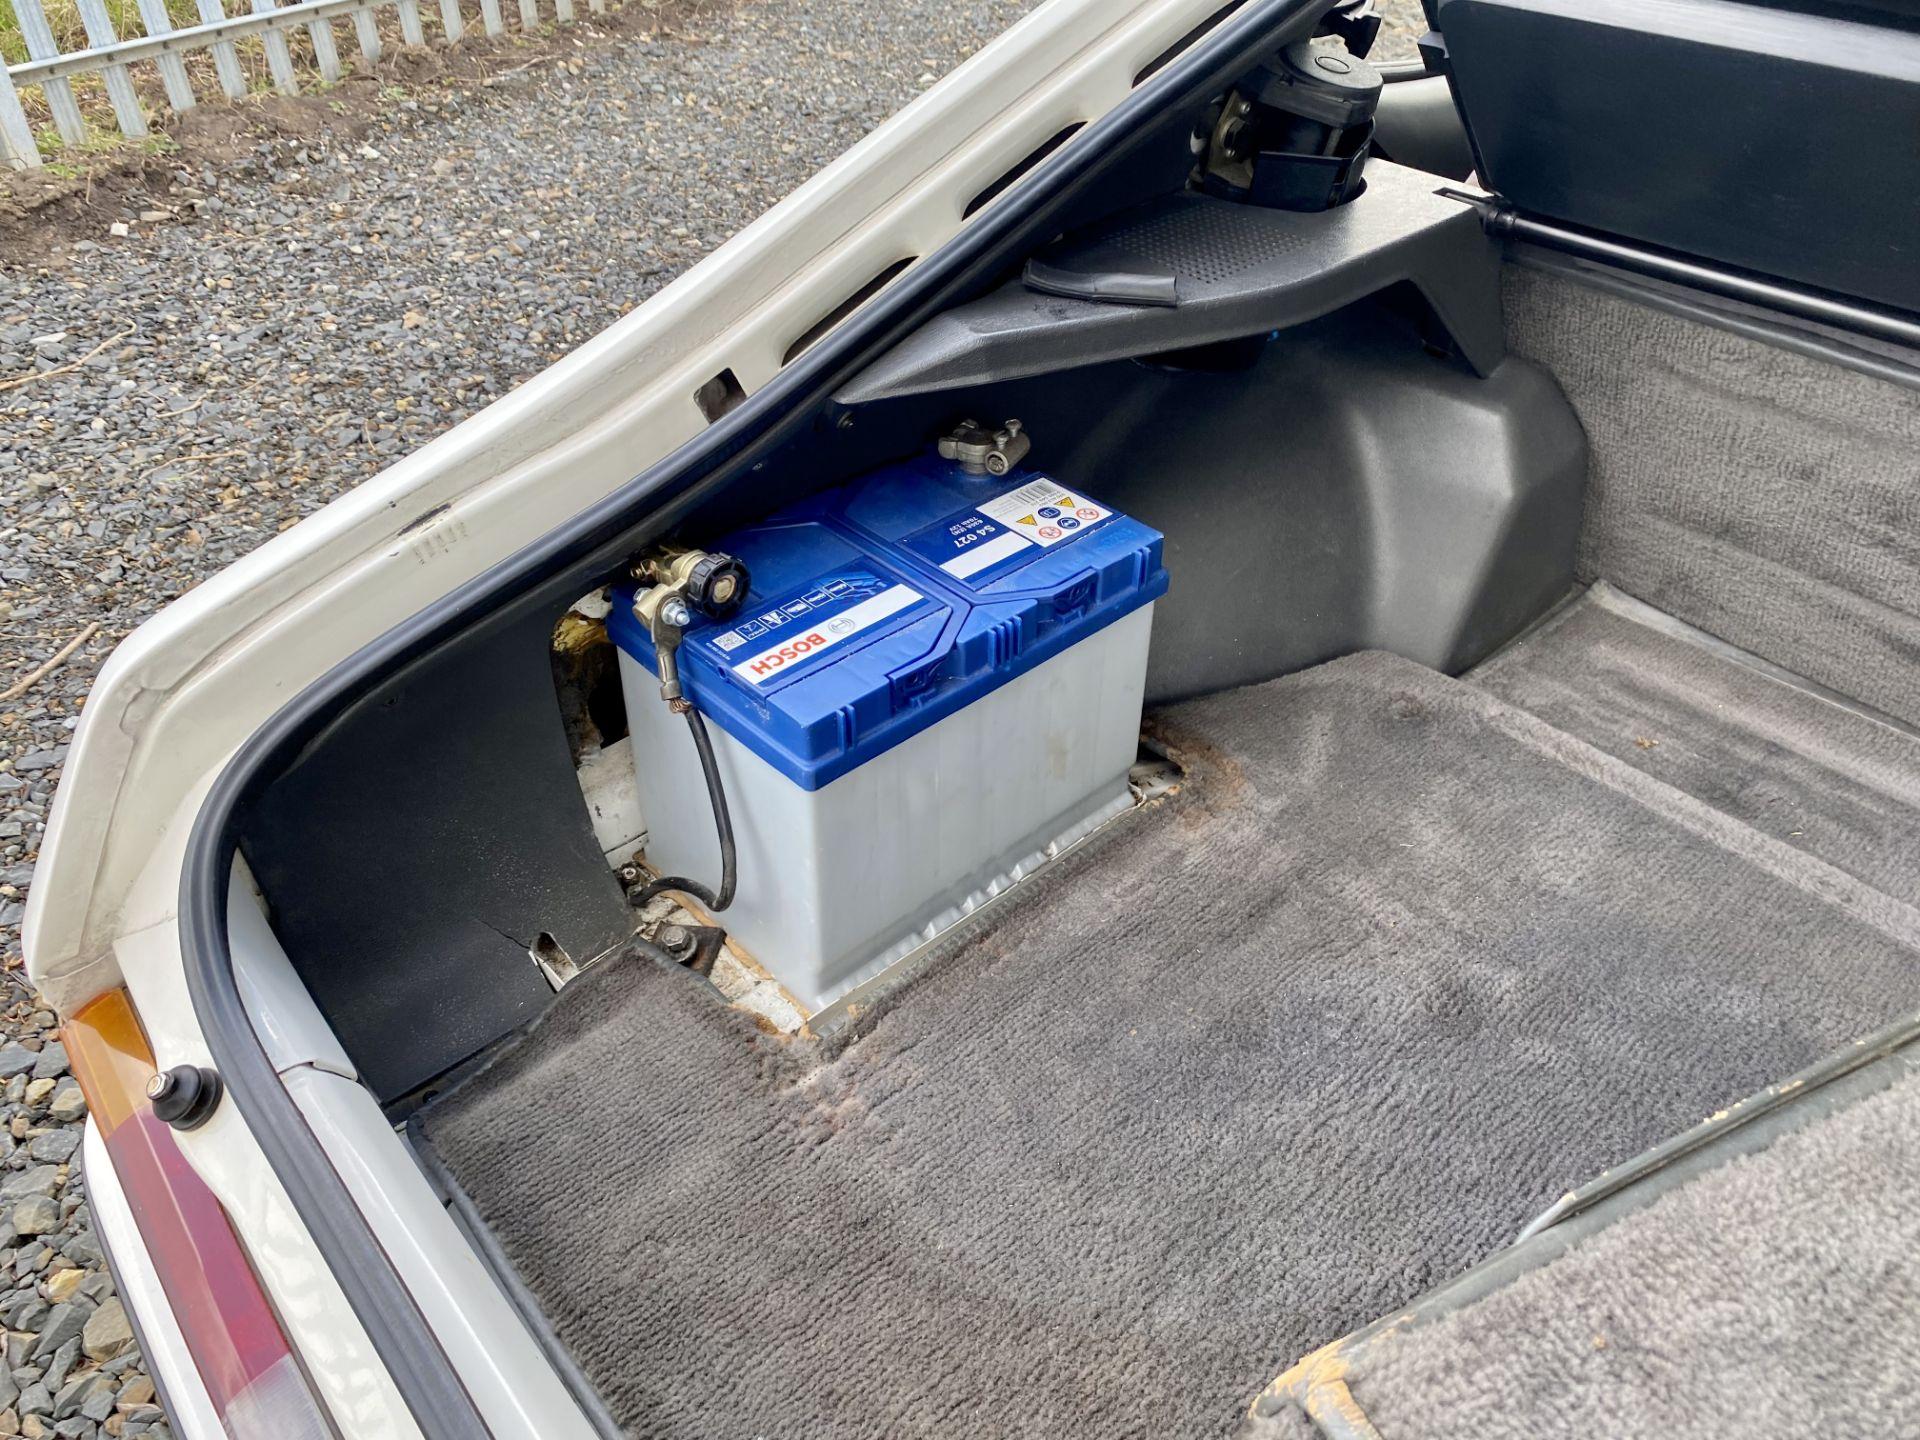 Ford Capri Tickford Turbo - Image 57 of 62